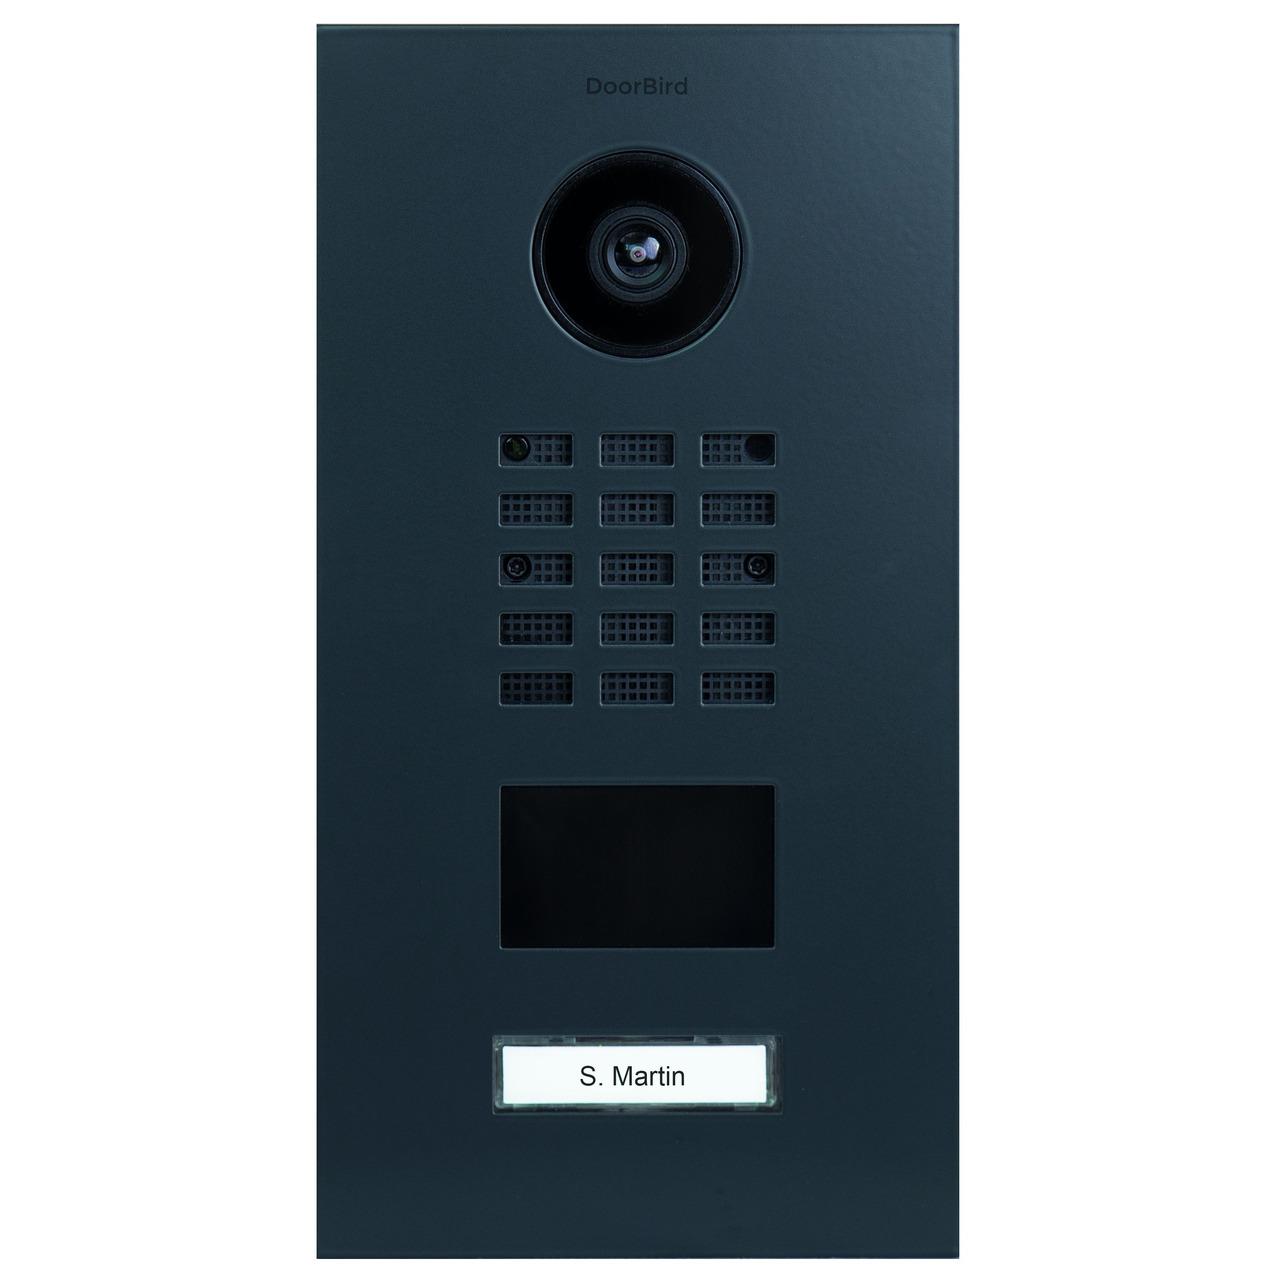 DoorBird LAN-Video-Türsprechanlage D2101V- Unterputz-Version- Edelstahl- seidenmatt- RAL7016